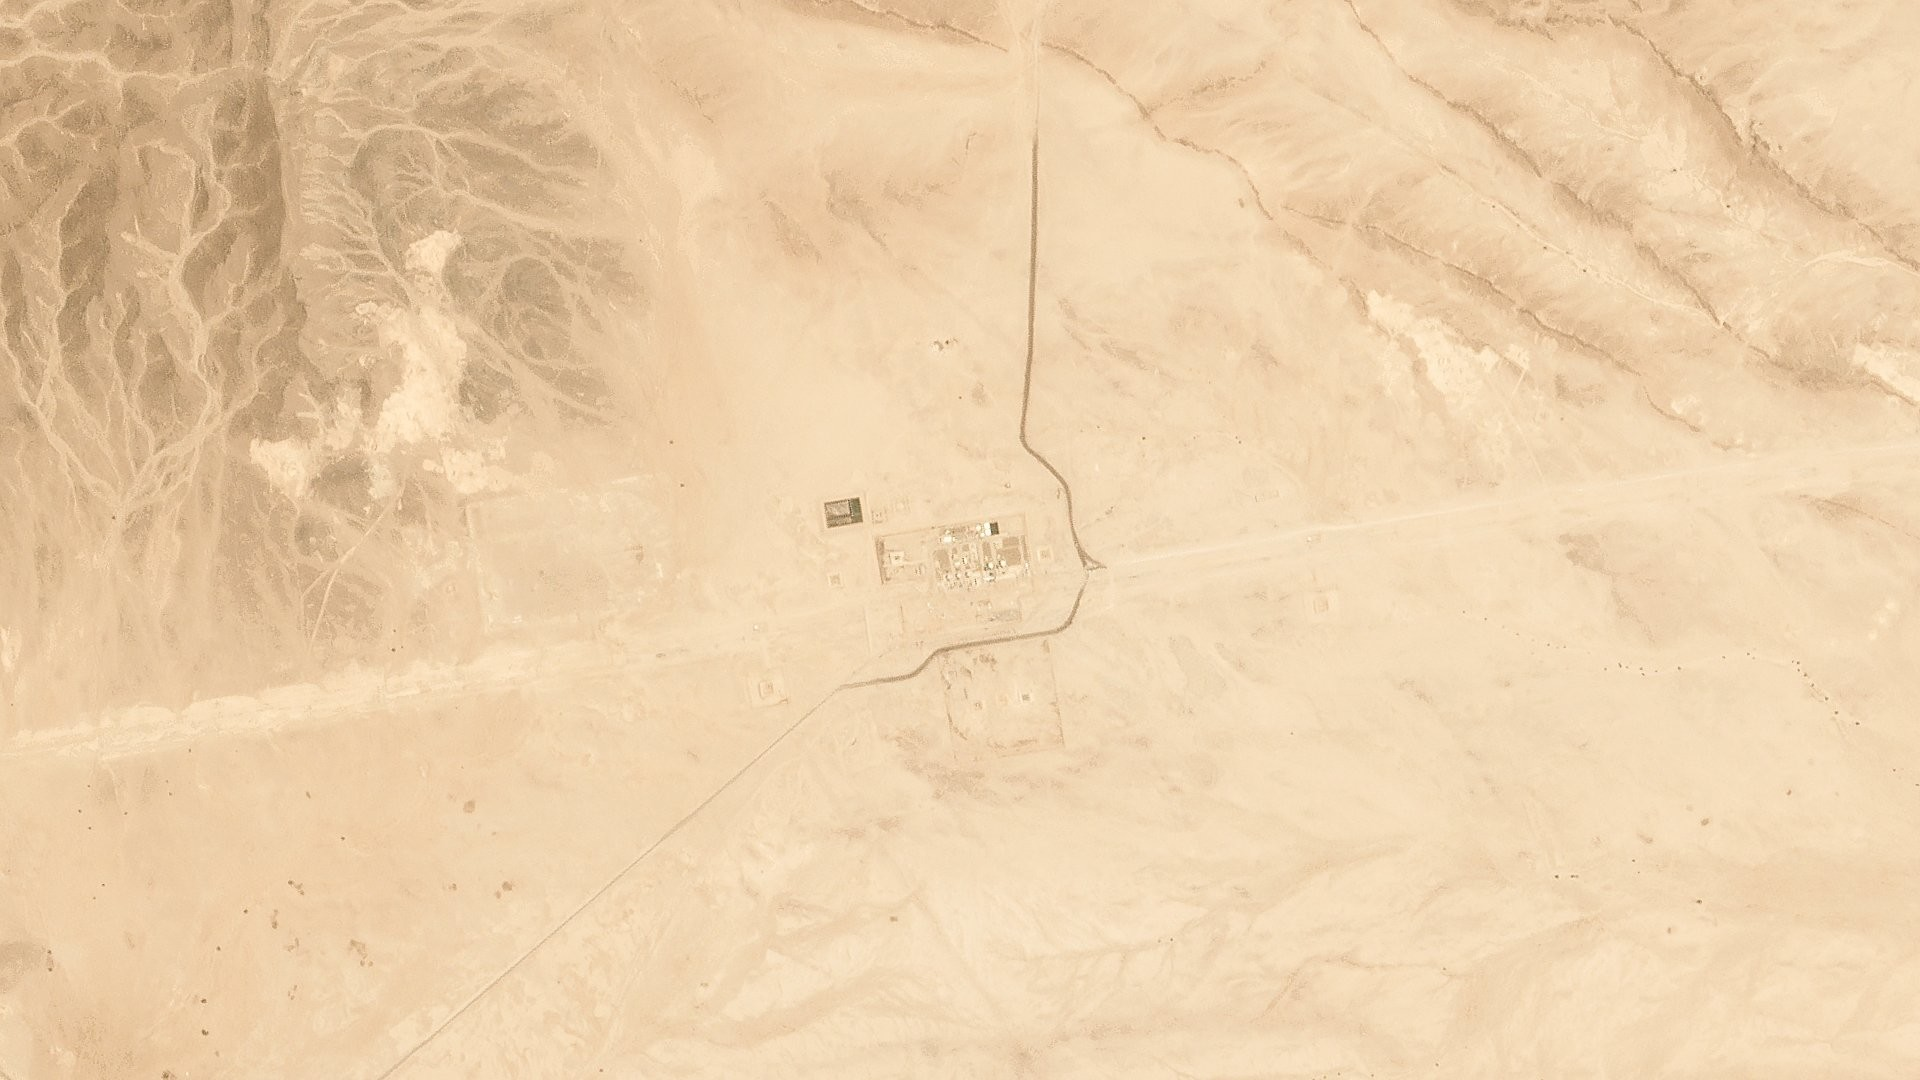 صورة فضائية توثق آثار قصف الحوثيين لمضختي النفط السعوديتين